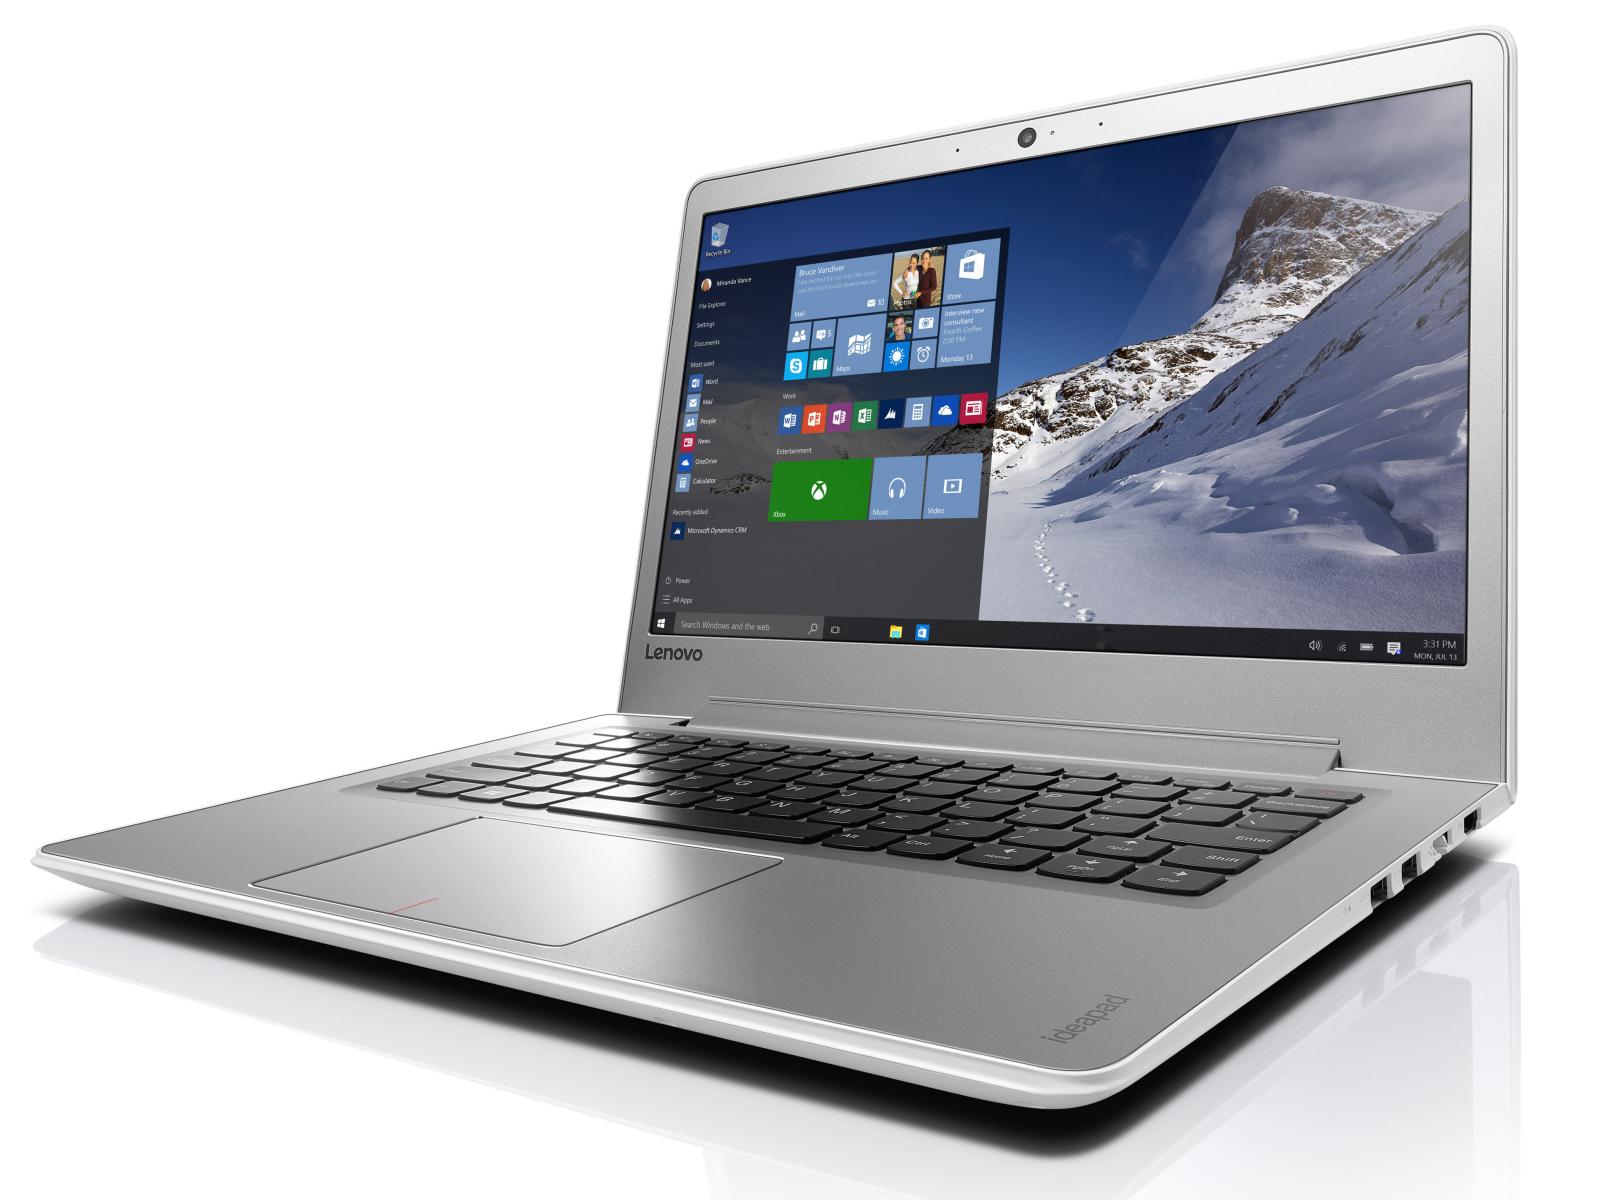 Courte critique du PC portable Lenovo IdeaPad S ISK